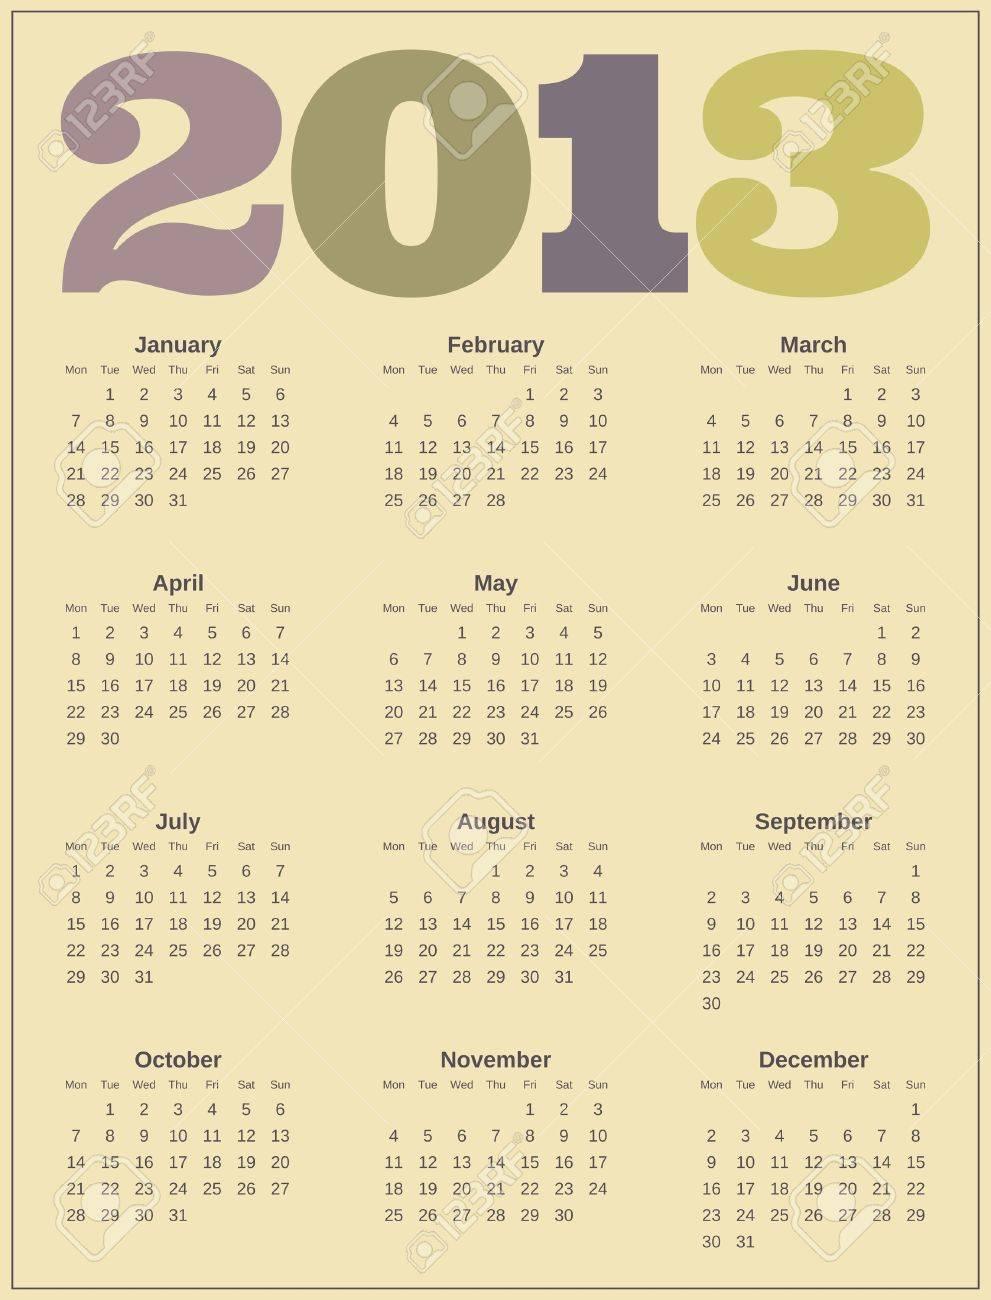 Calendar design for 2013 Stock Vector - 16915029